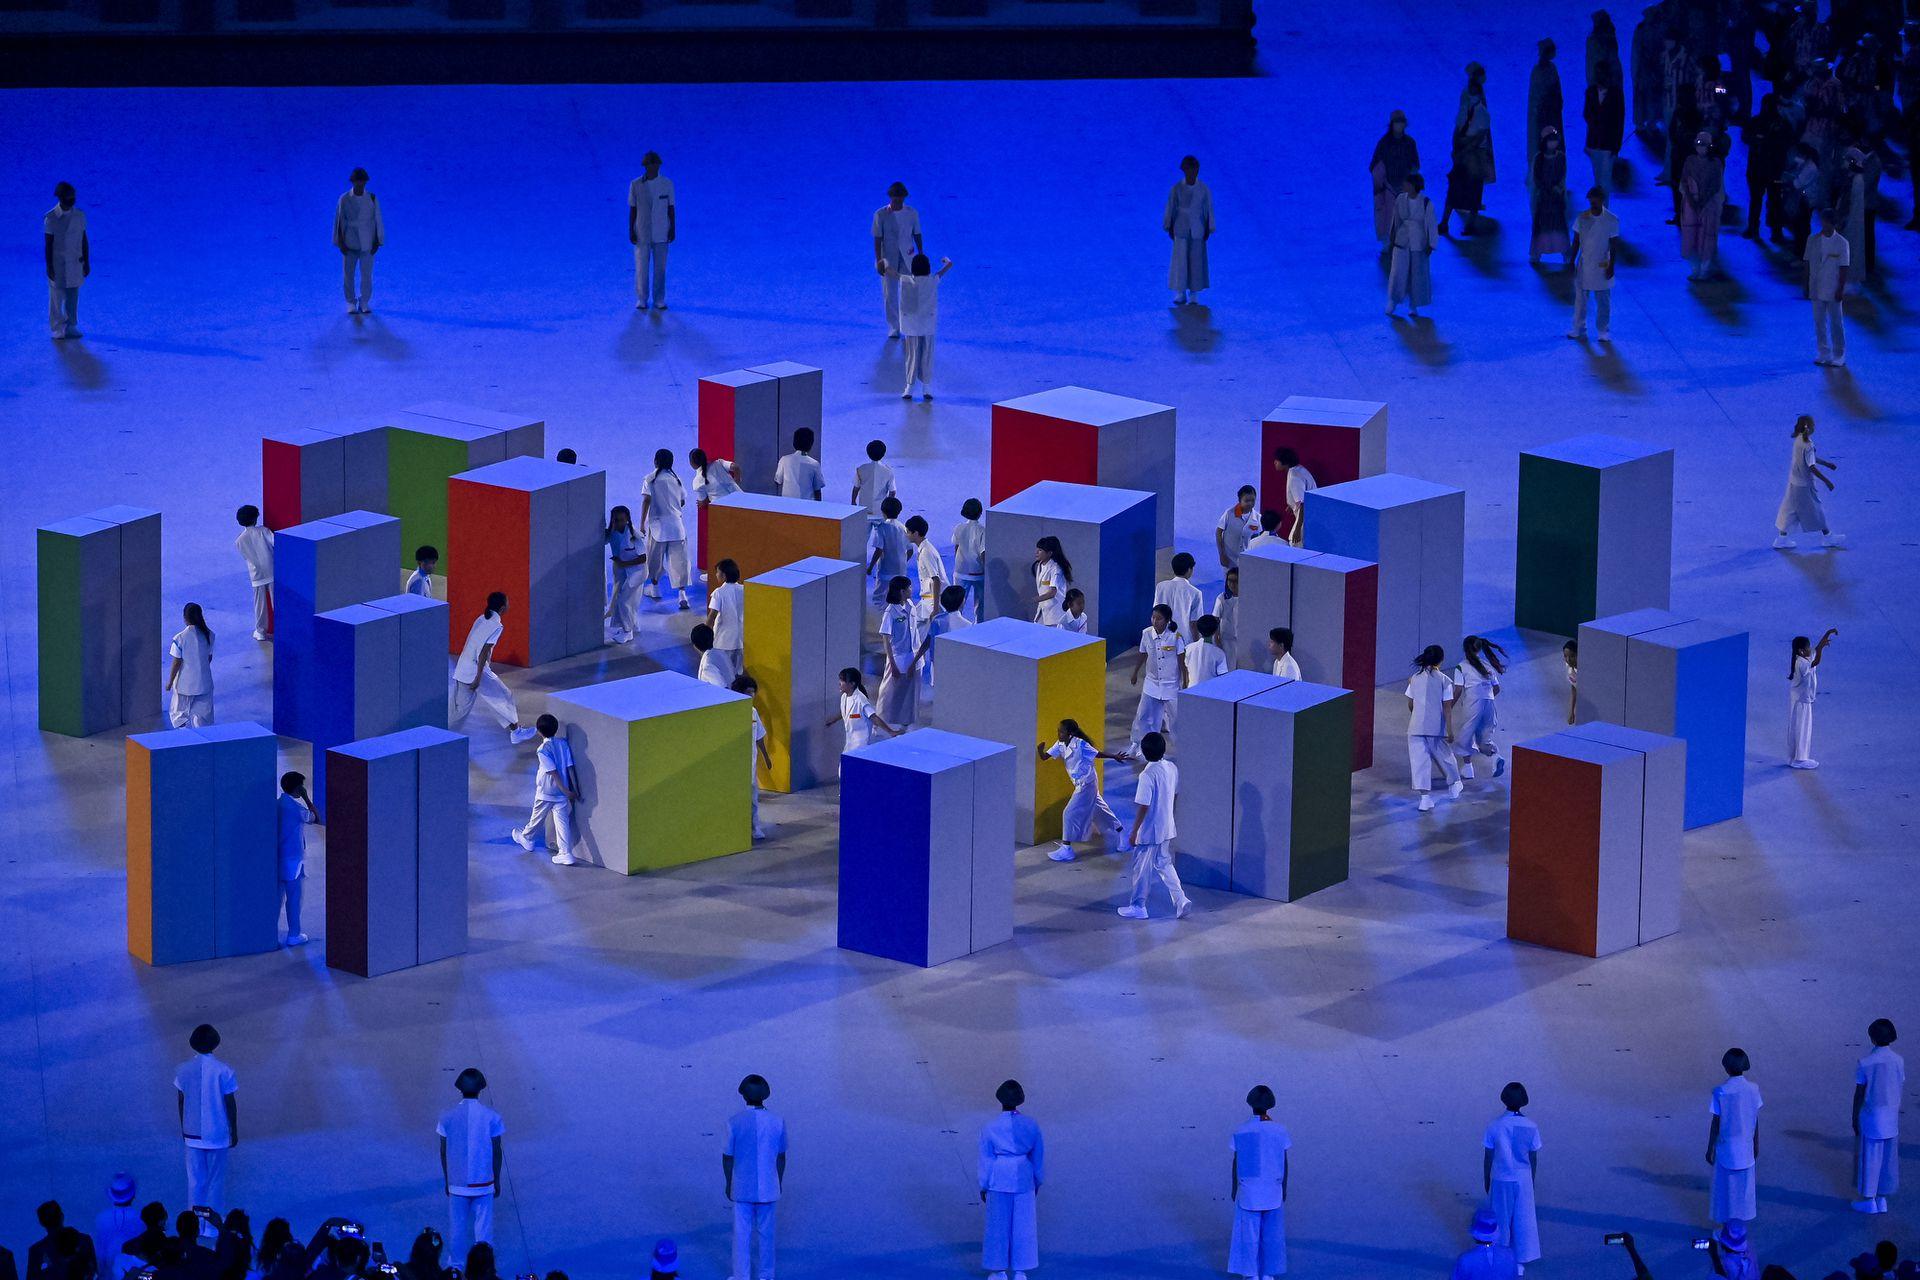 Bailarines y cubos gigantes en la ceremonia de apertura de los Juegos Olímpicos de Tokio 2020